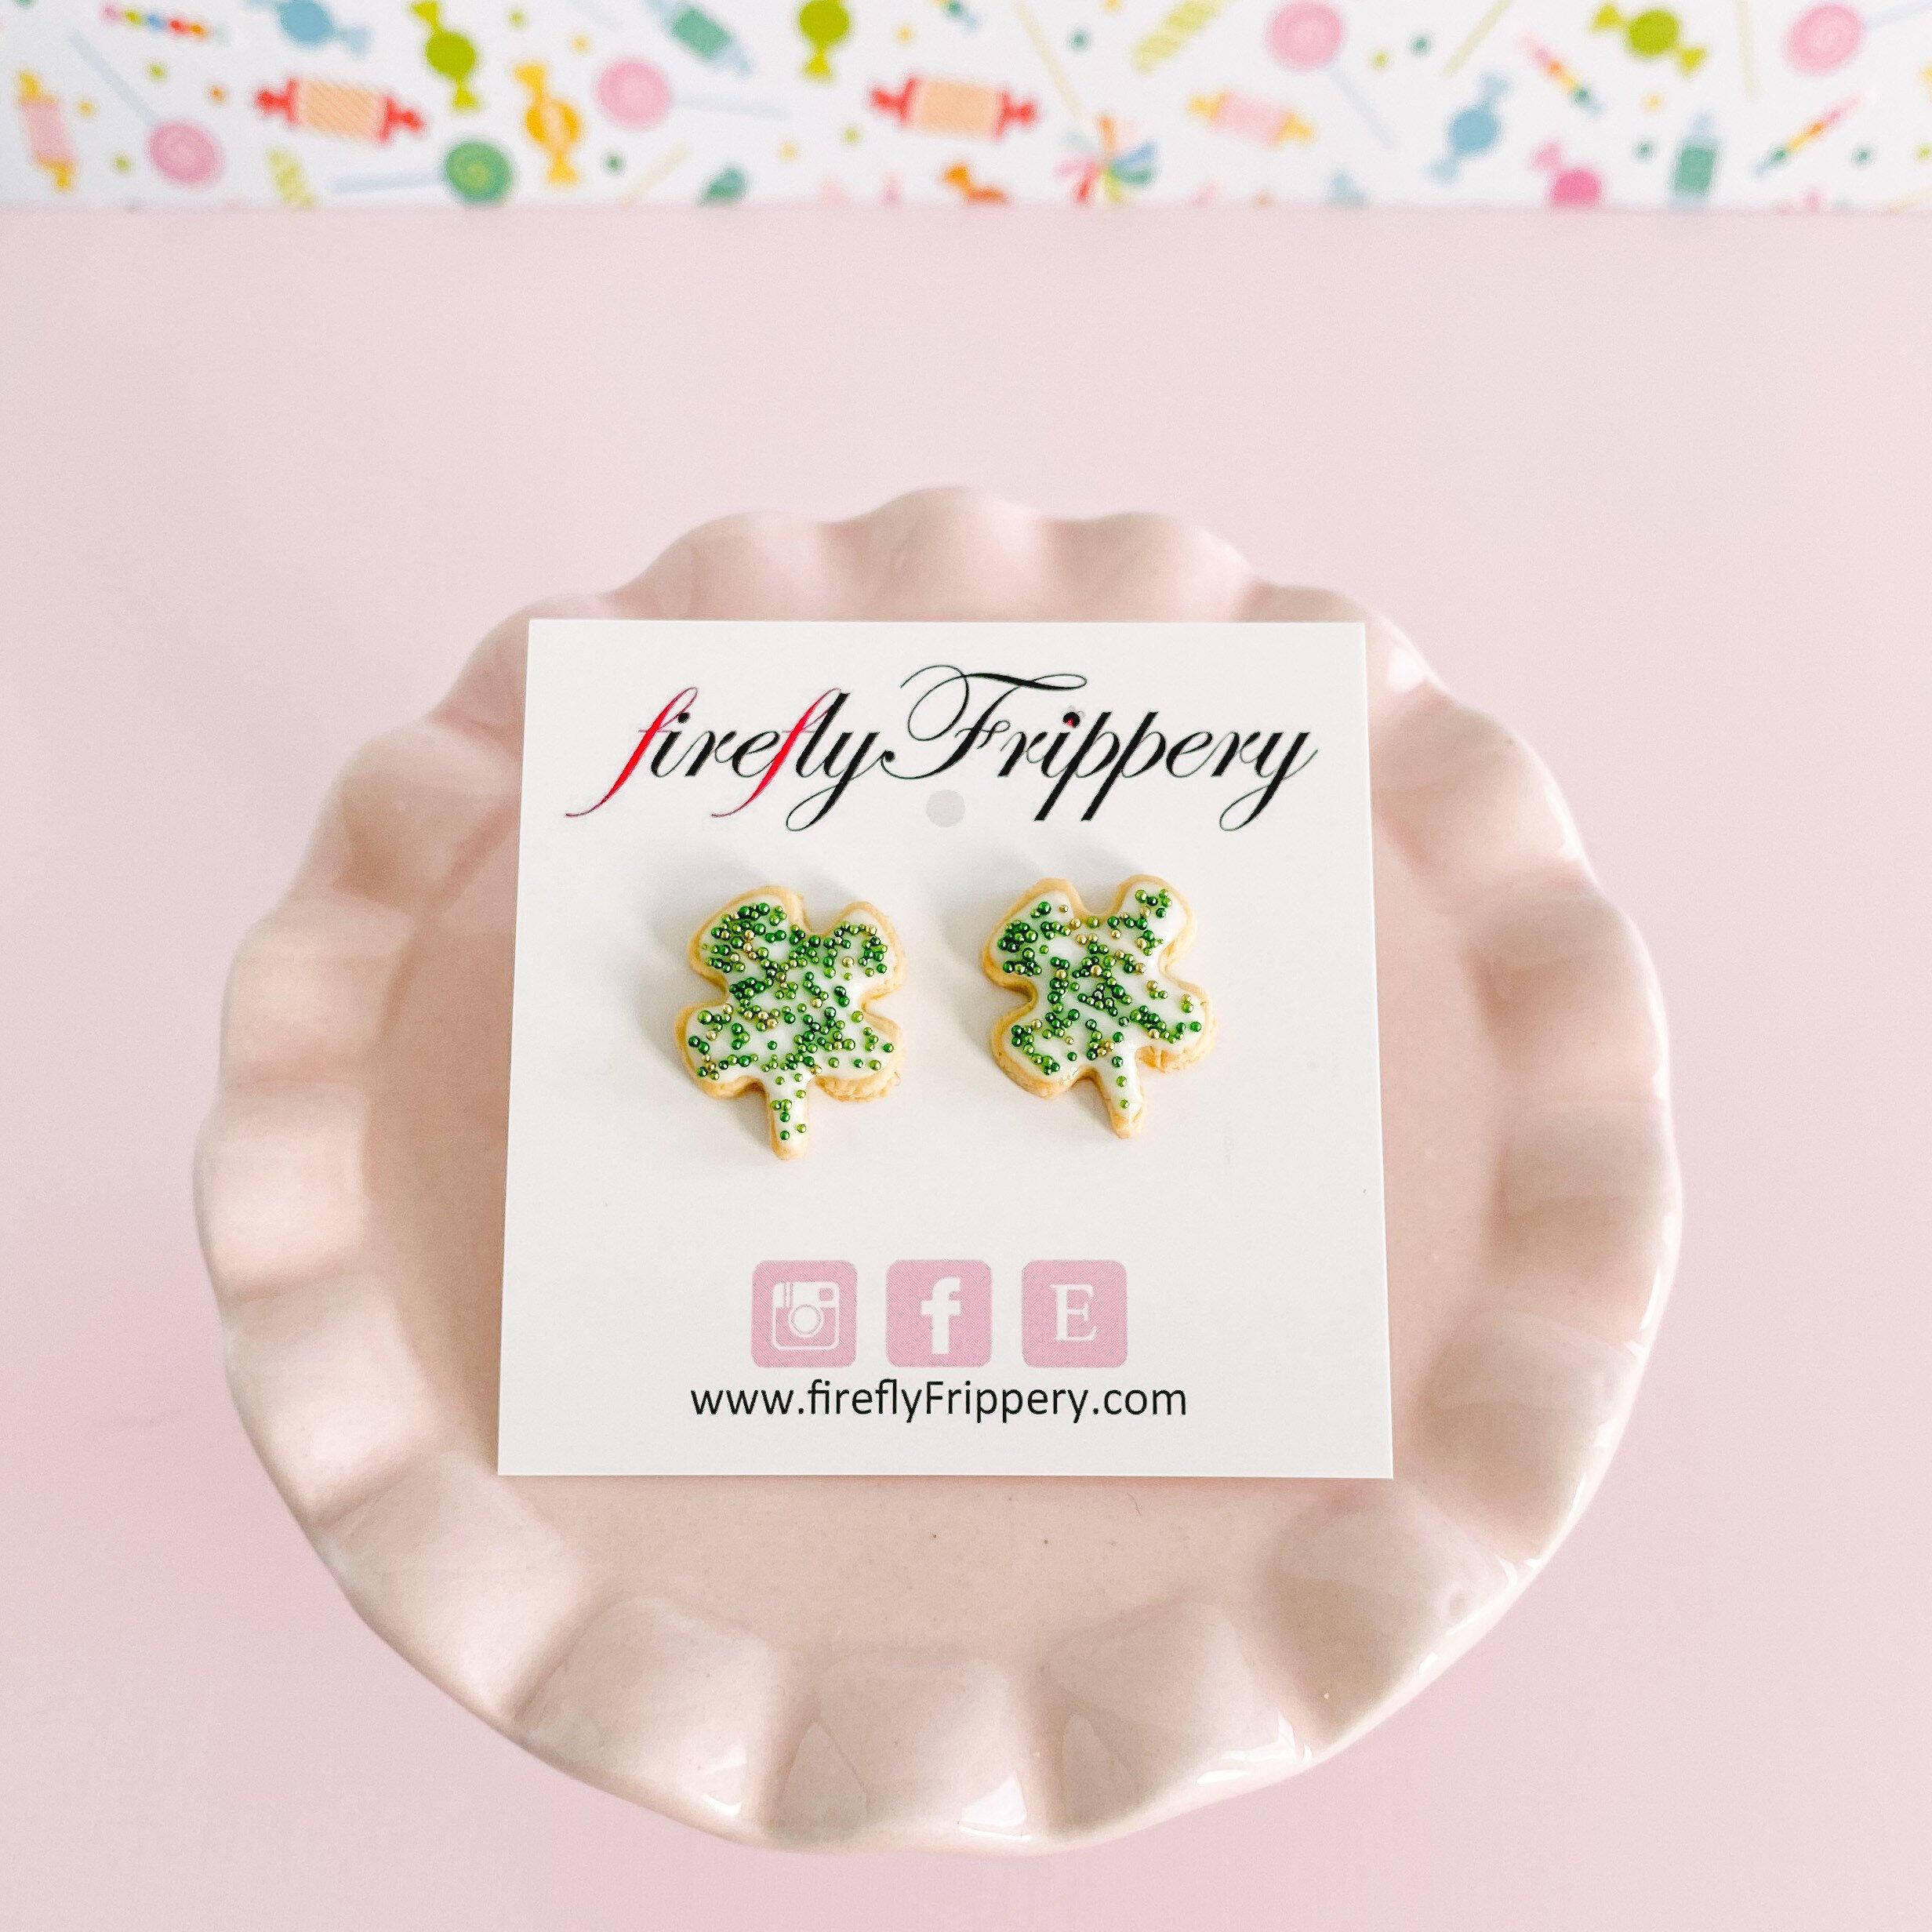 fireflyFrippery Shamrock Sugar Cookie Earrings on Card - White